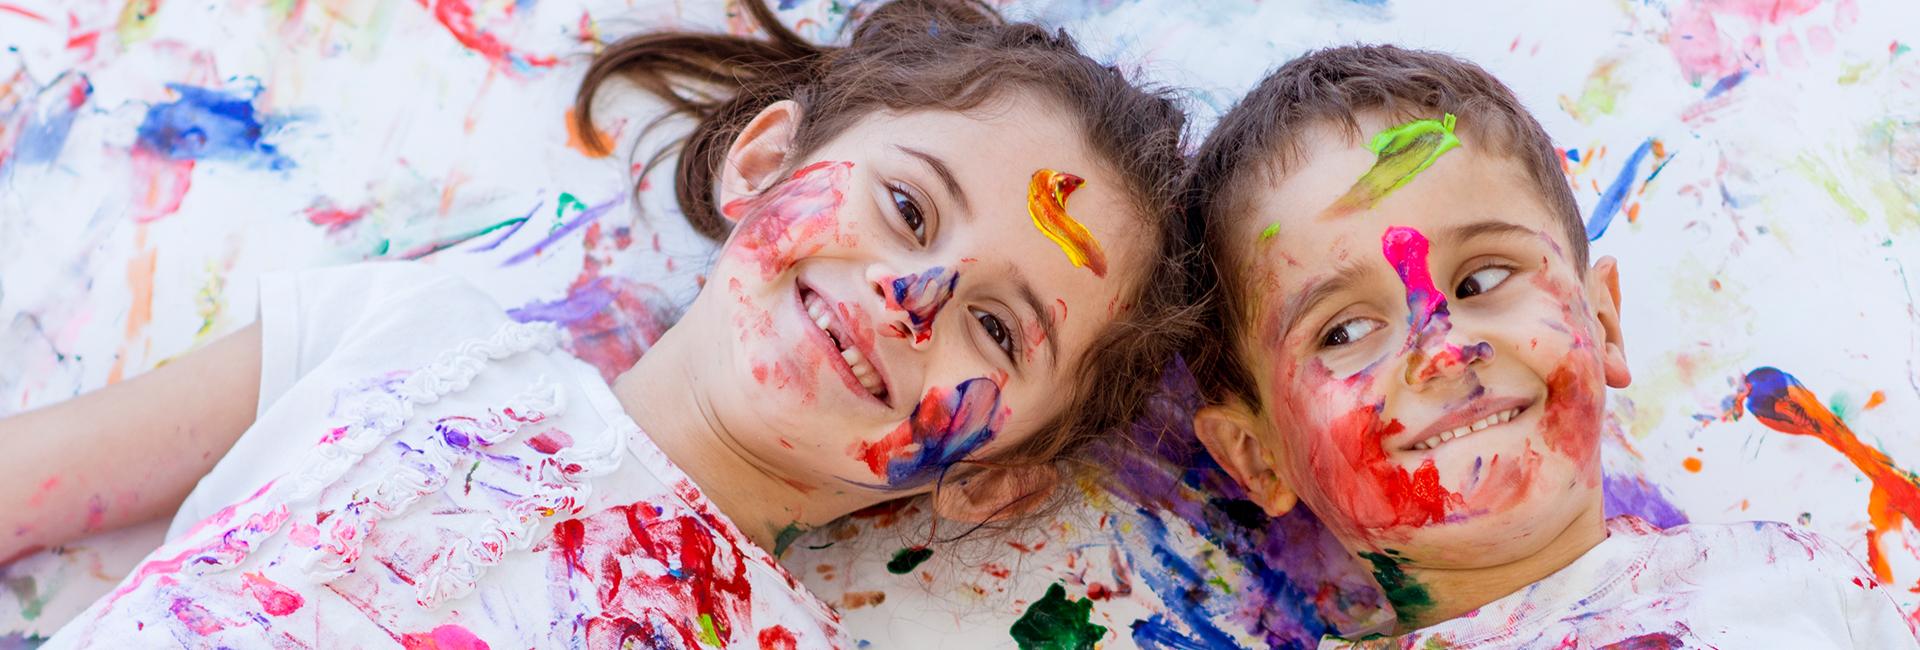 Kinder und Kunst - ein Projekt der DRK Kita Herford